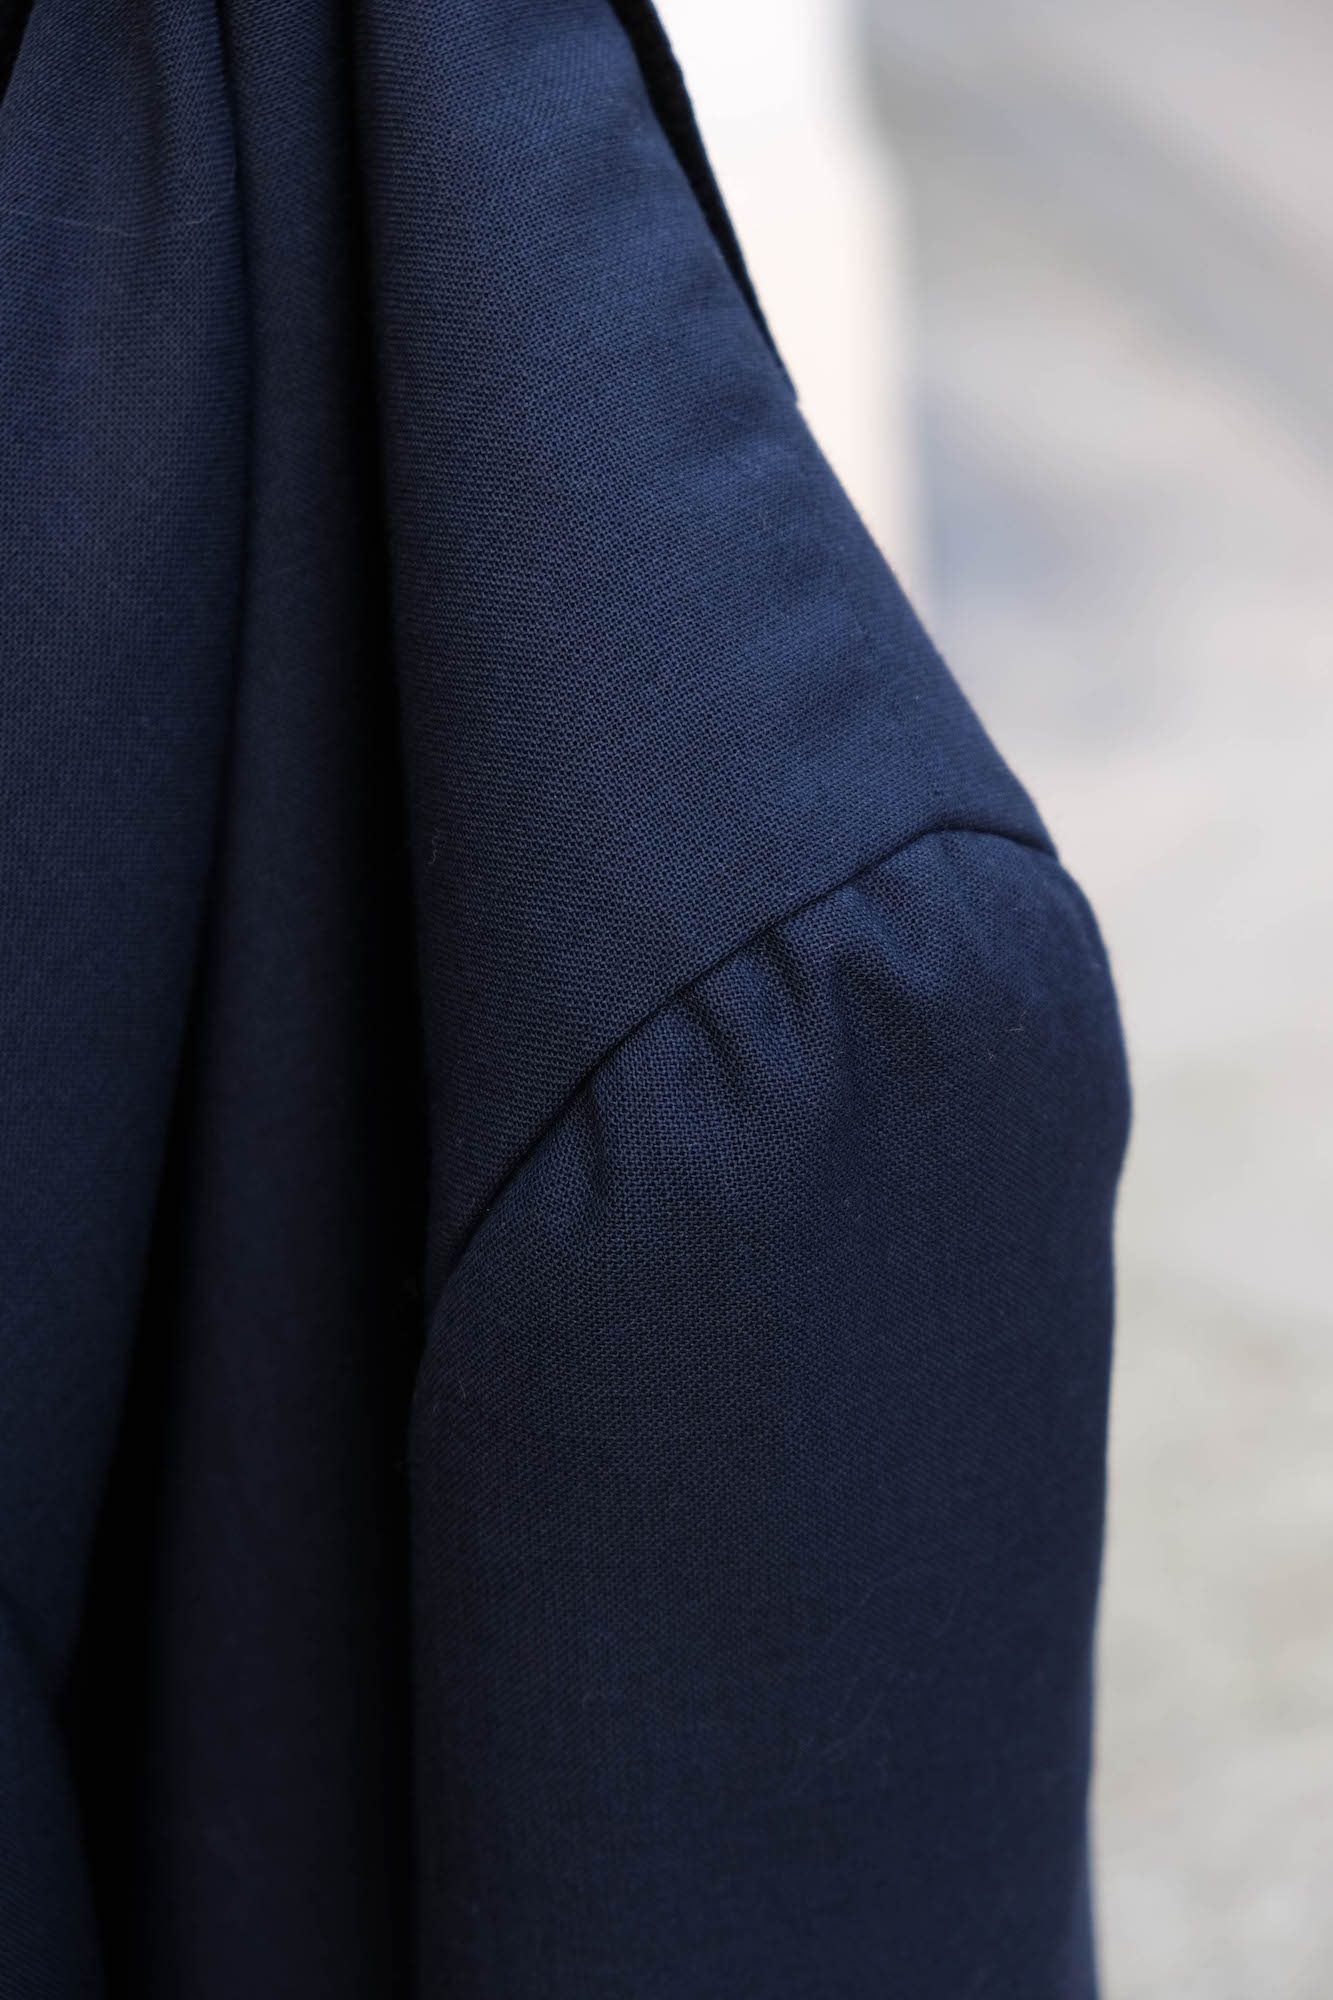 detail tete de manche costume les francs tireurs